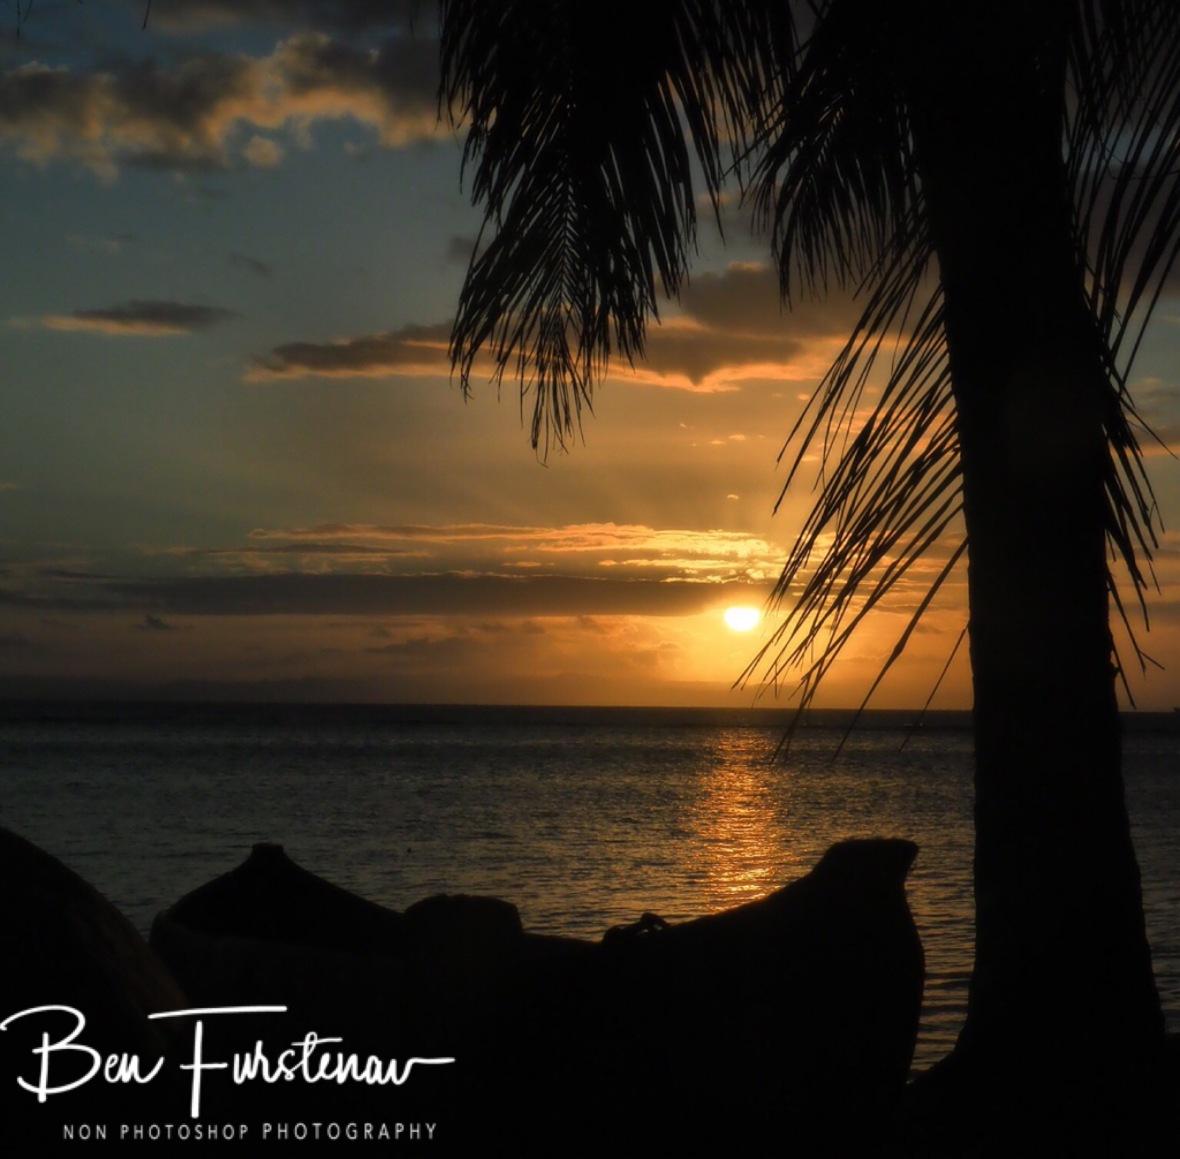 Pirogue sunset